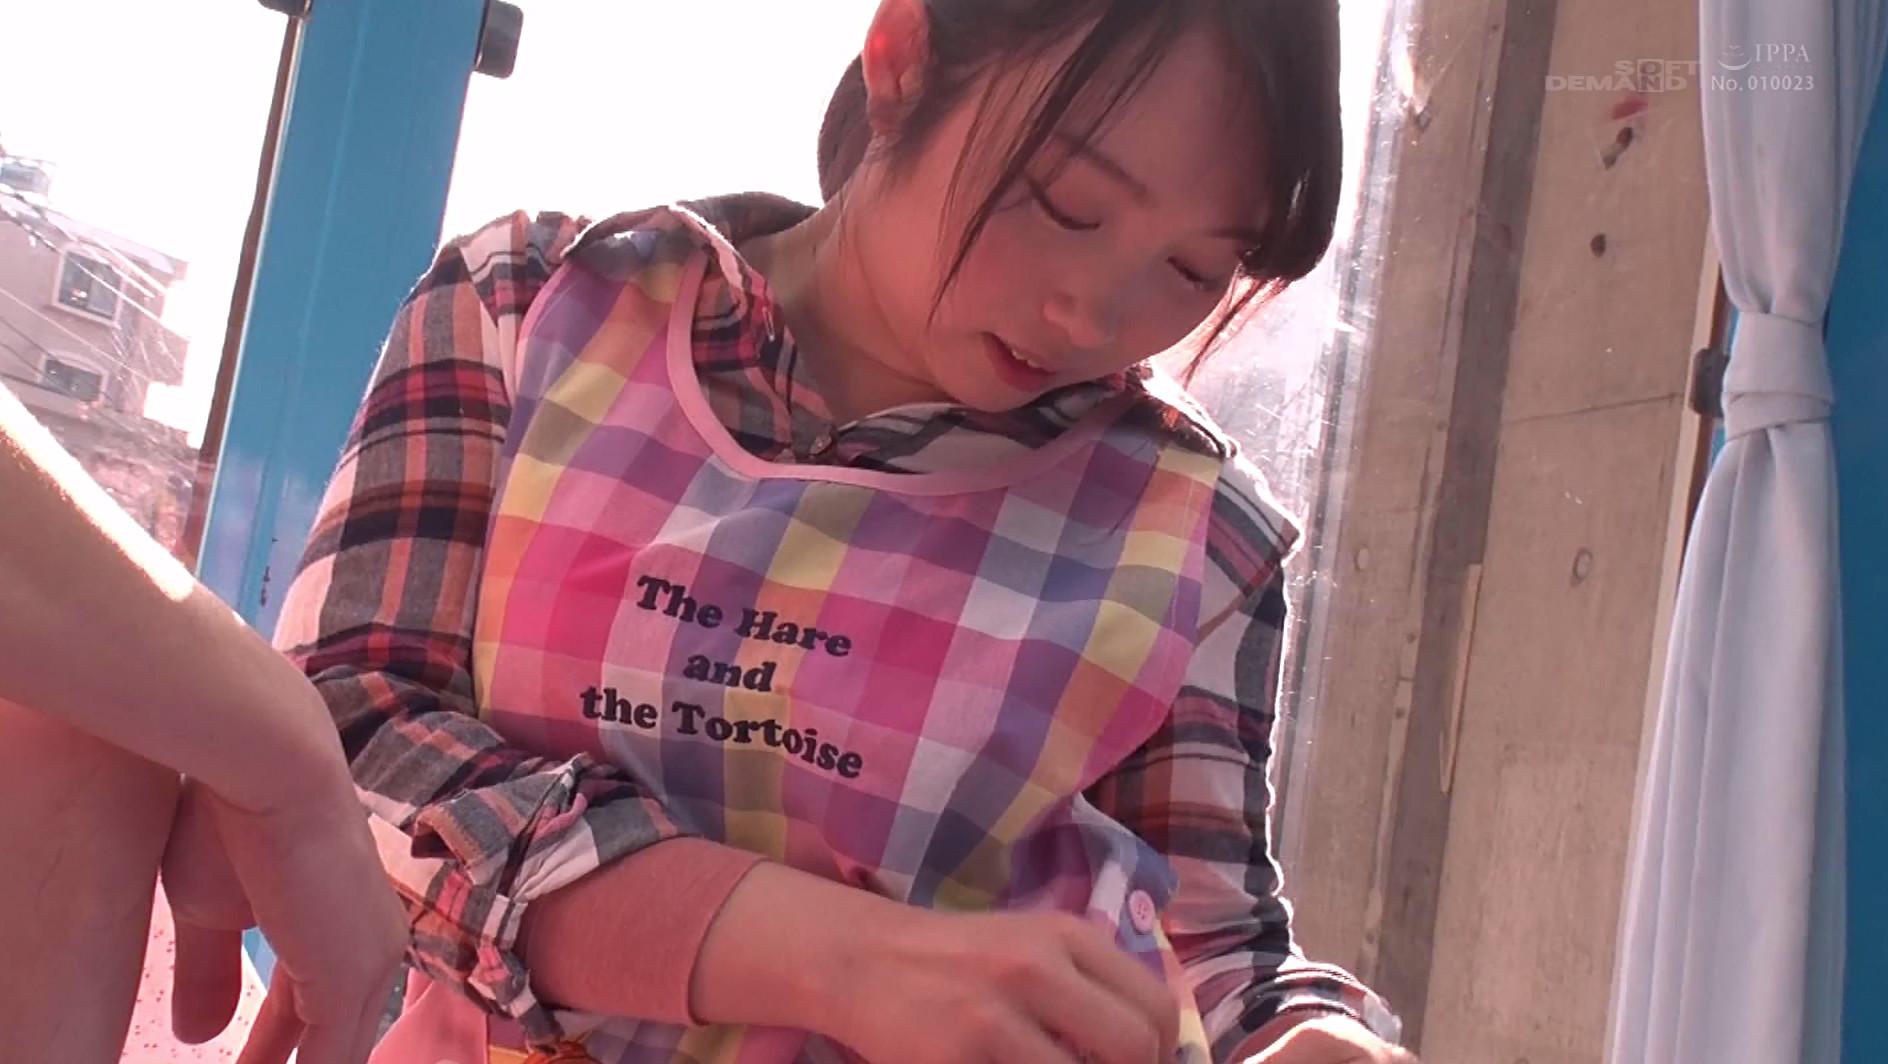 マジックミラー号 「童貞くんのオナニーのお手伝いしてくれませんか・・・」 街中で声を掛けた心優しい保母さんが童貞くんを赤面筆おろし! 11 画像16